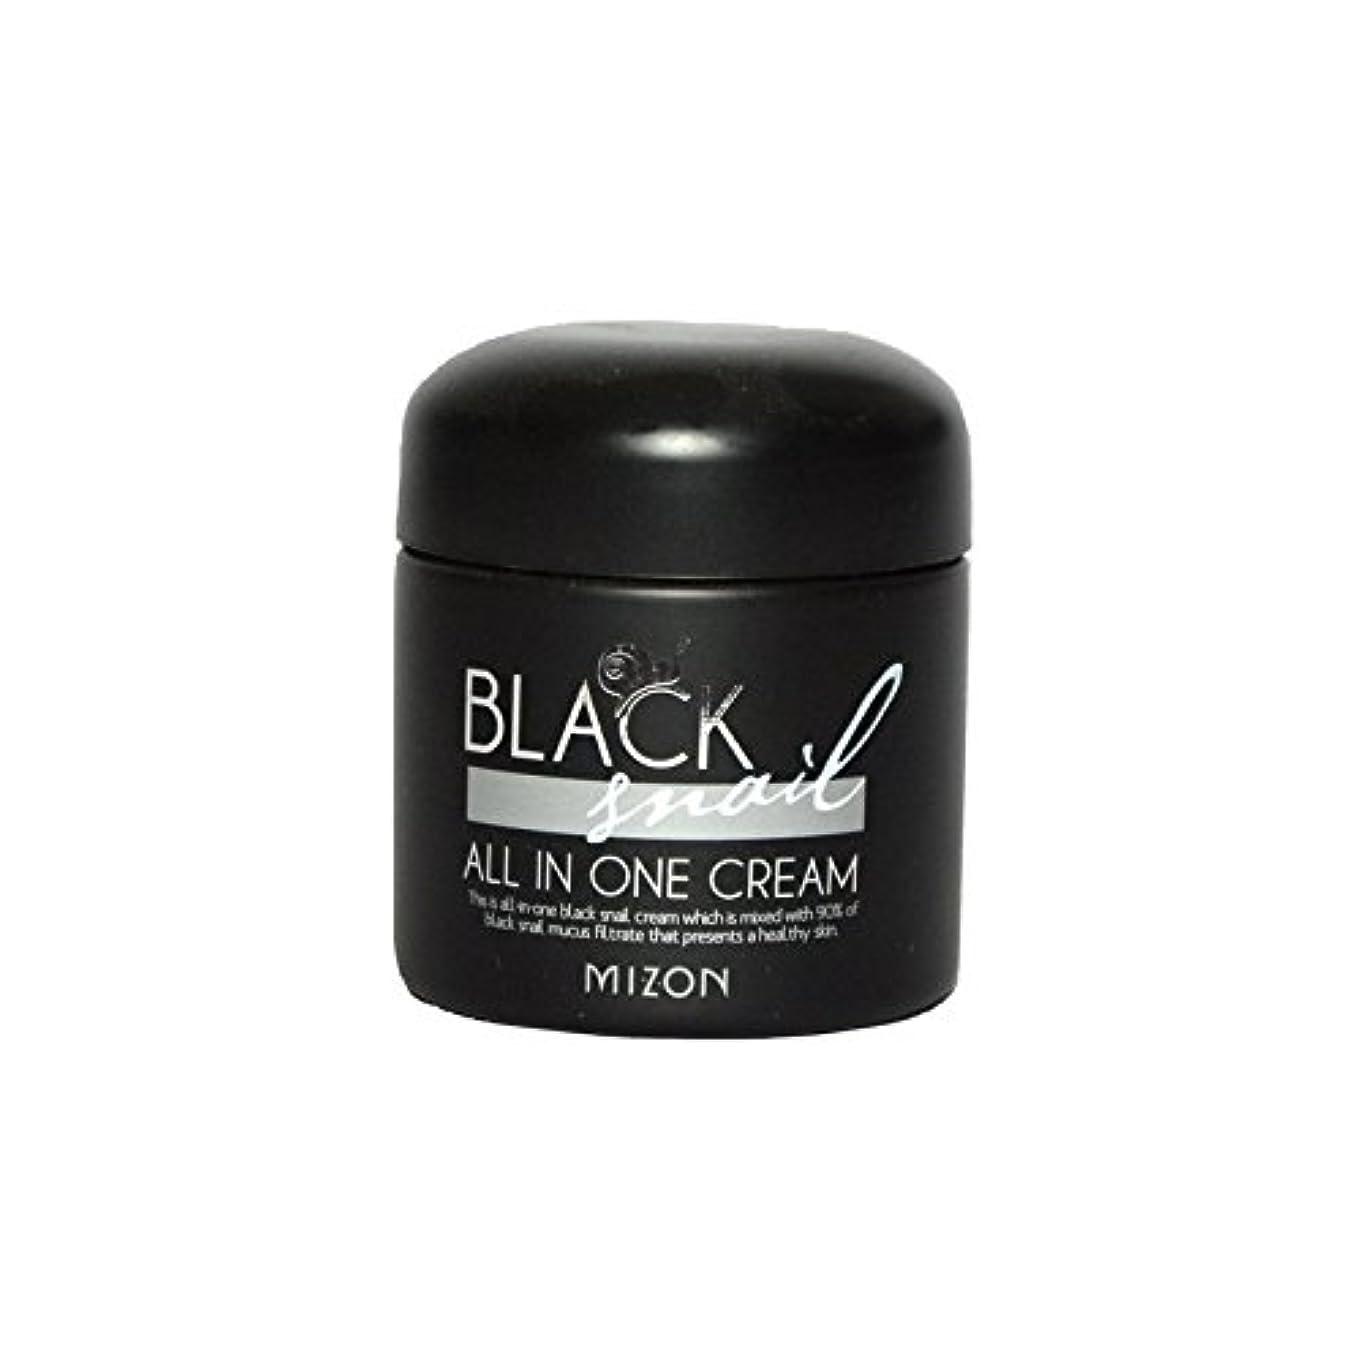 アスレチック一晩ダーツMizon Black Snail All in One Cream - 黒カタツムリオールインワンクリーム [並行輸入品]